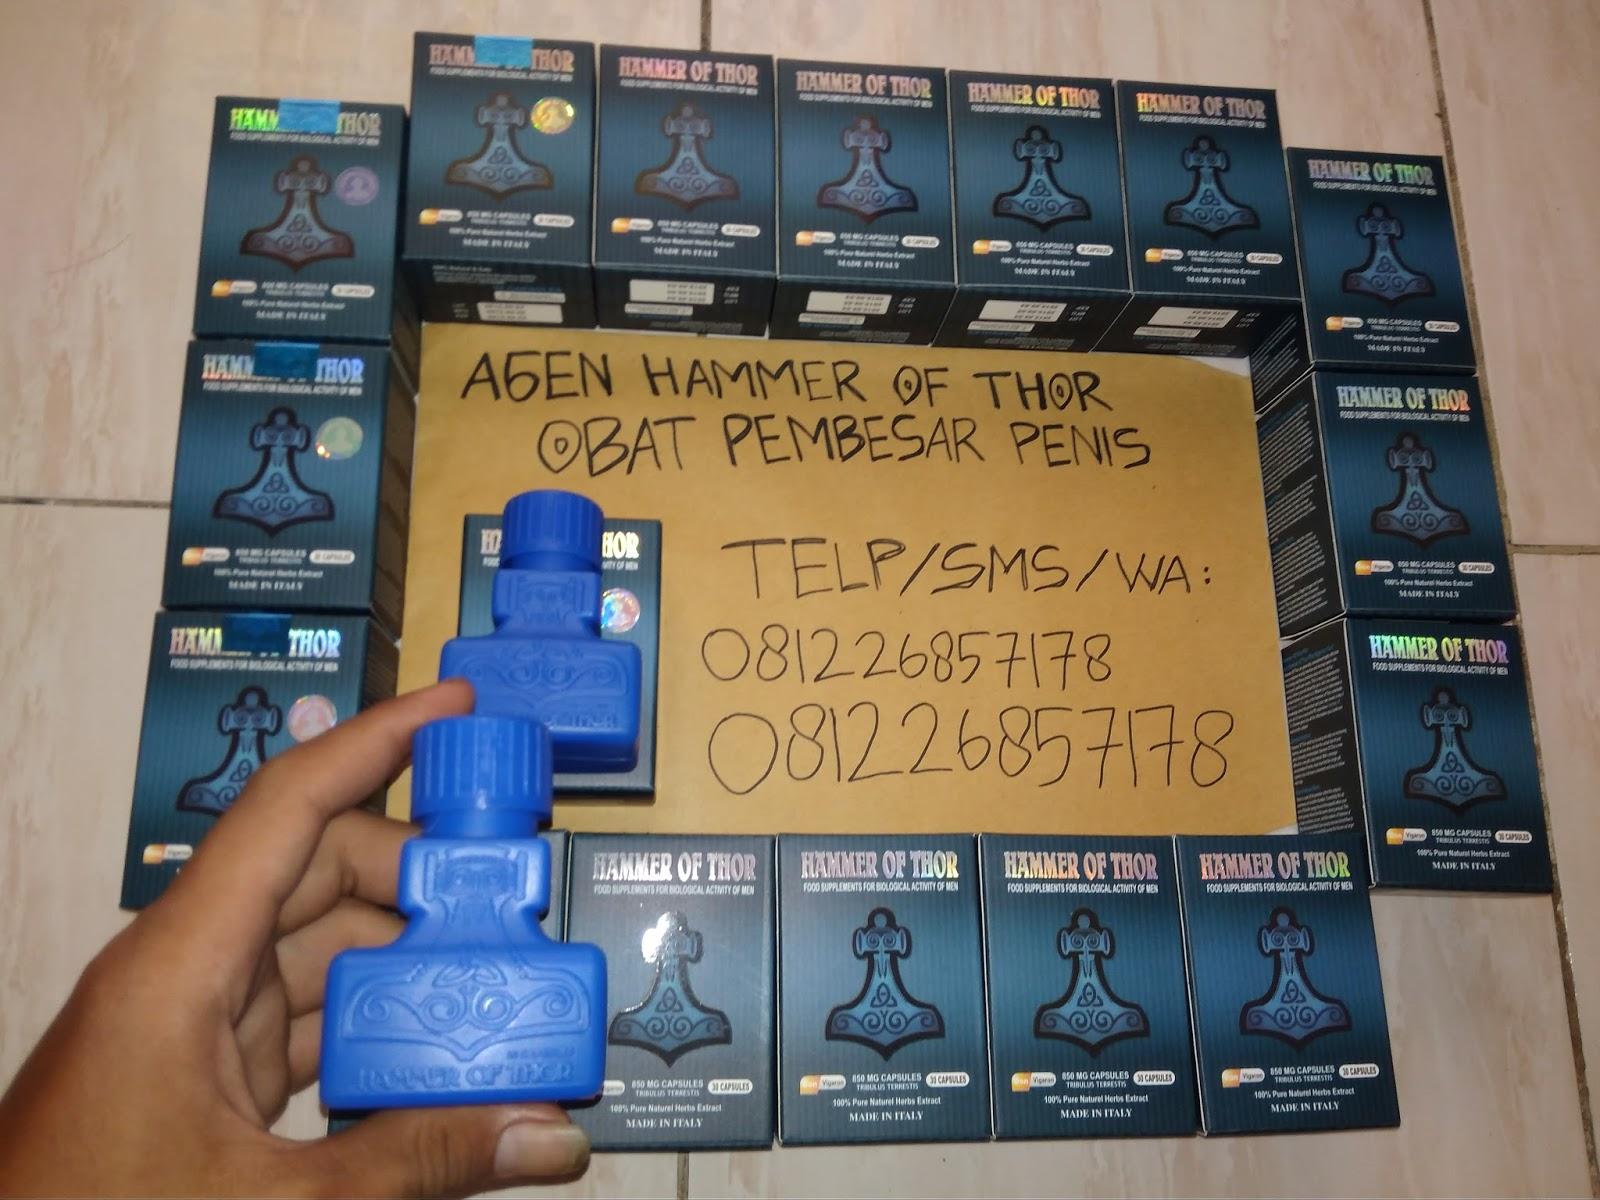 081226857178 hammer of thor sleman hammer of thor jogja telp